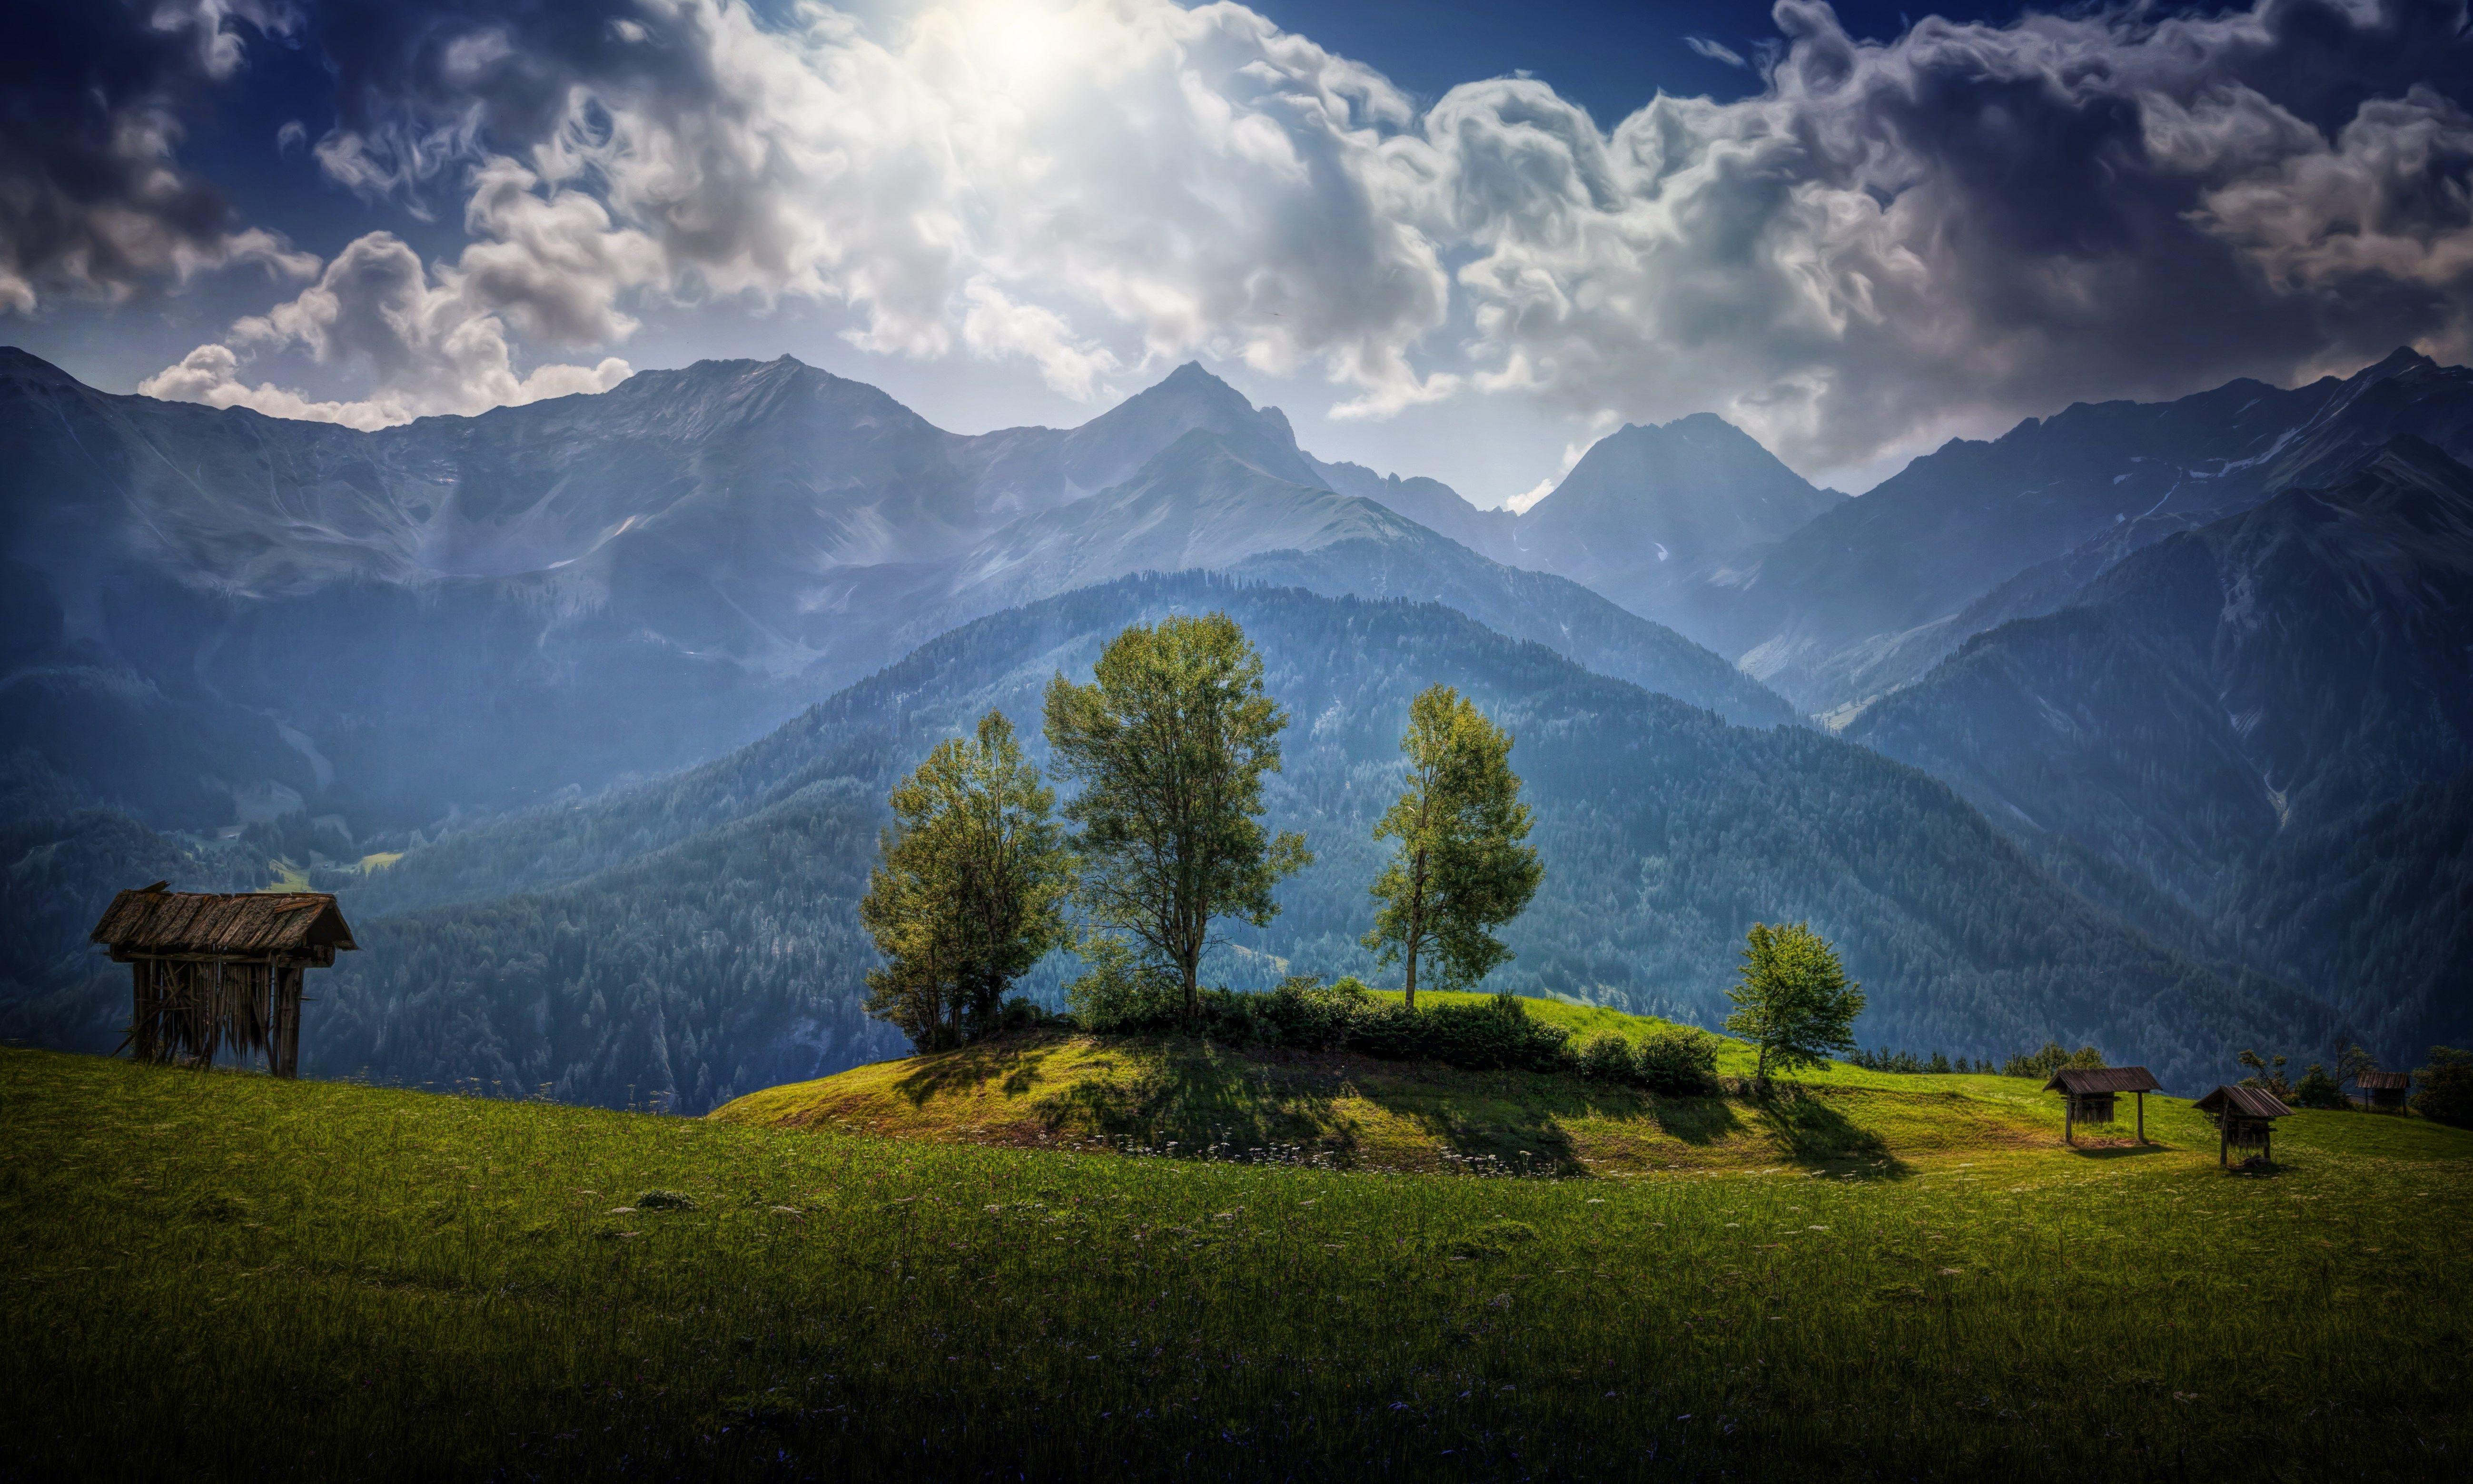 Wonderful Wallpaper Mountain Computer - b43186e636f6c2d9eeccf577e5d27167  Snapshot_701277.jpg